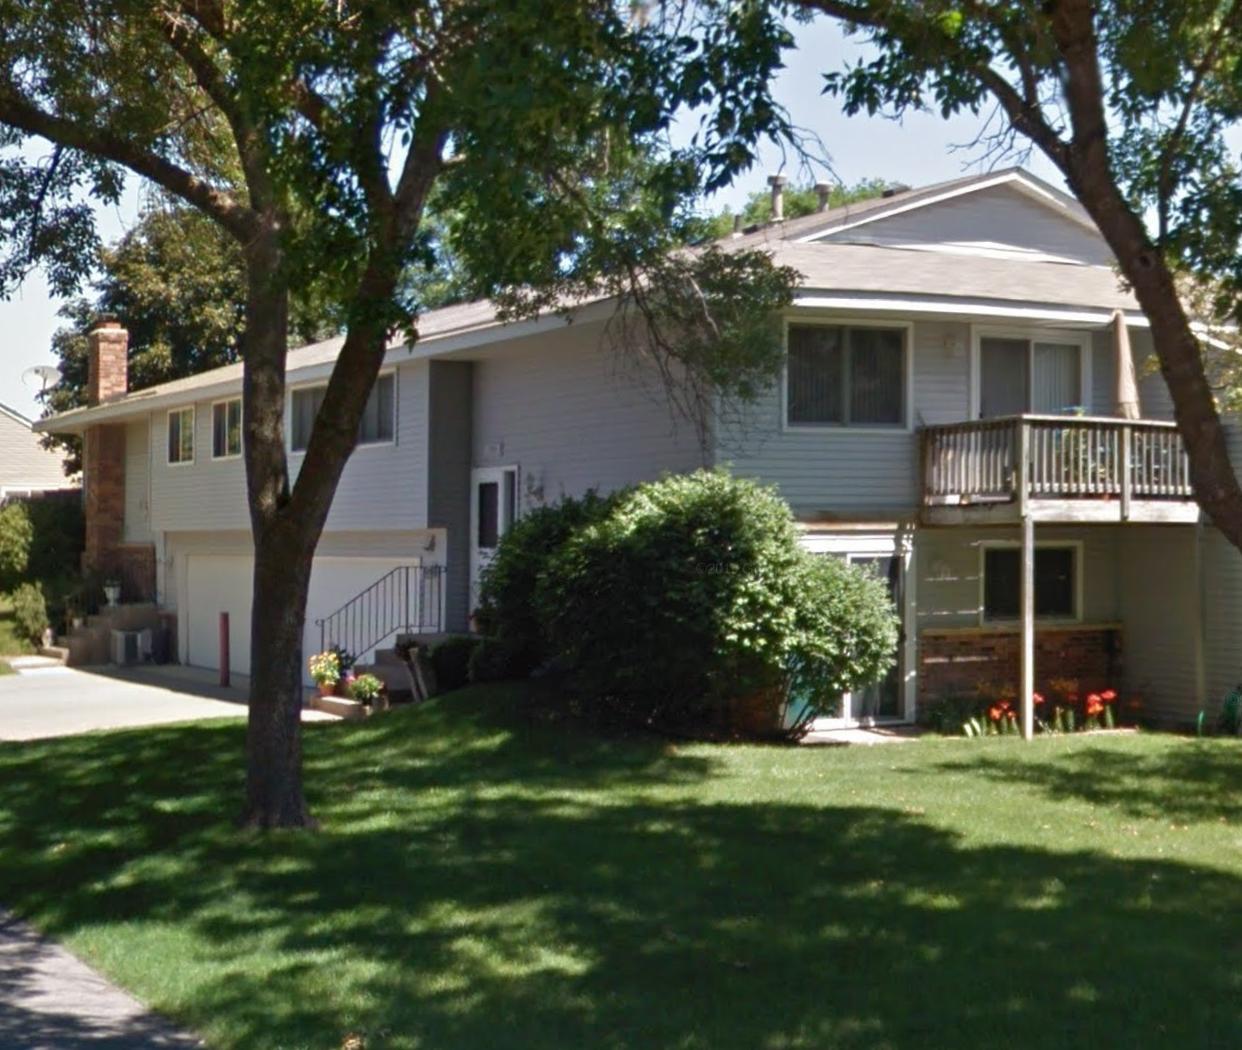 1702 E 123rd St, Burnsville, MN